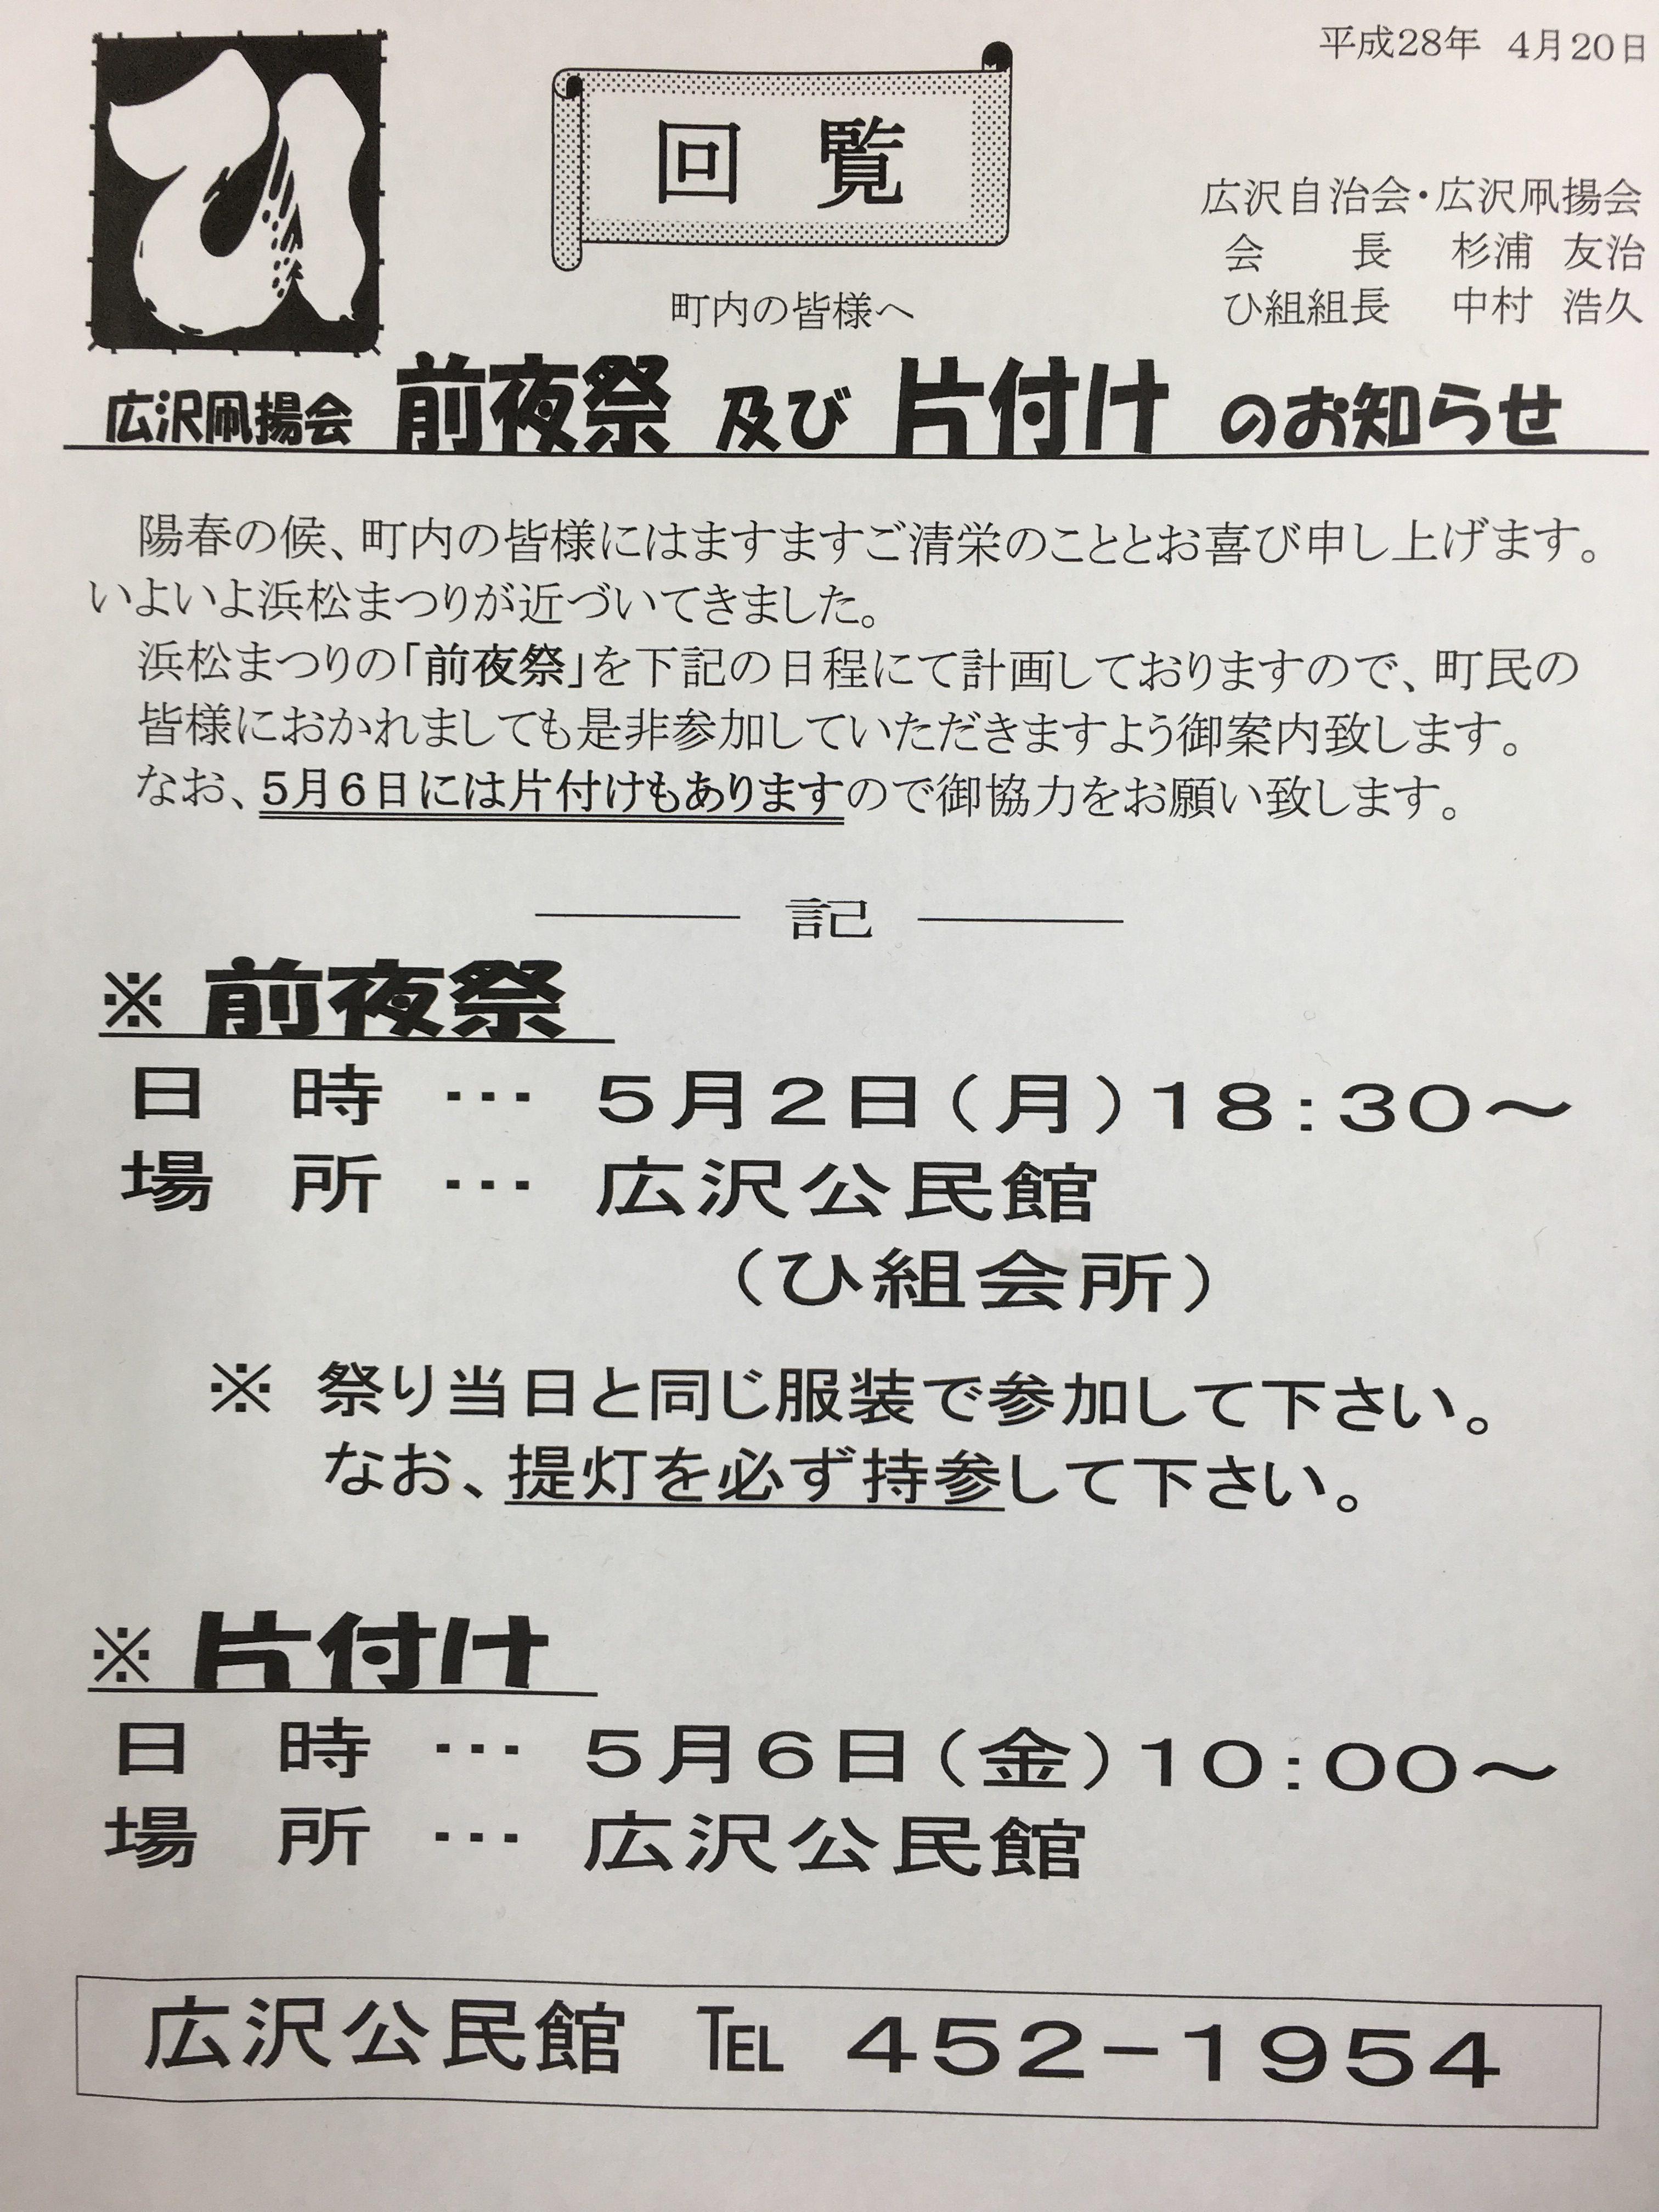 平成28年度 前夜祭・片付けのお知らせ